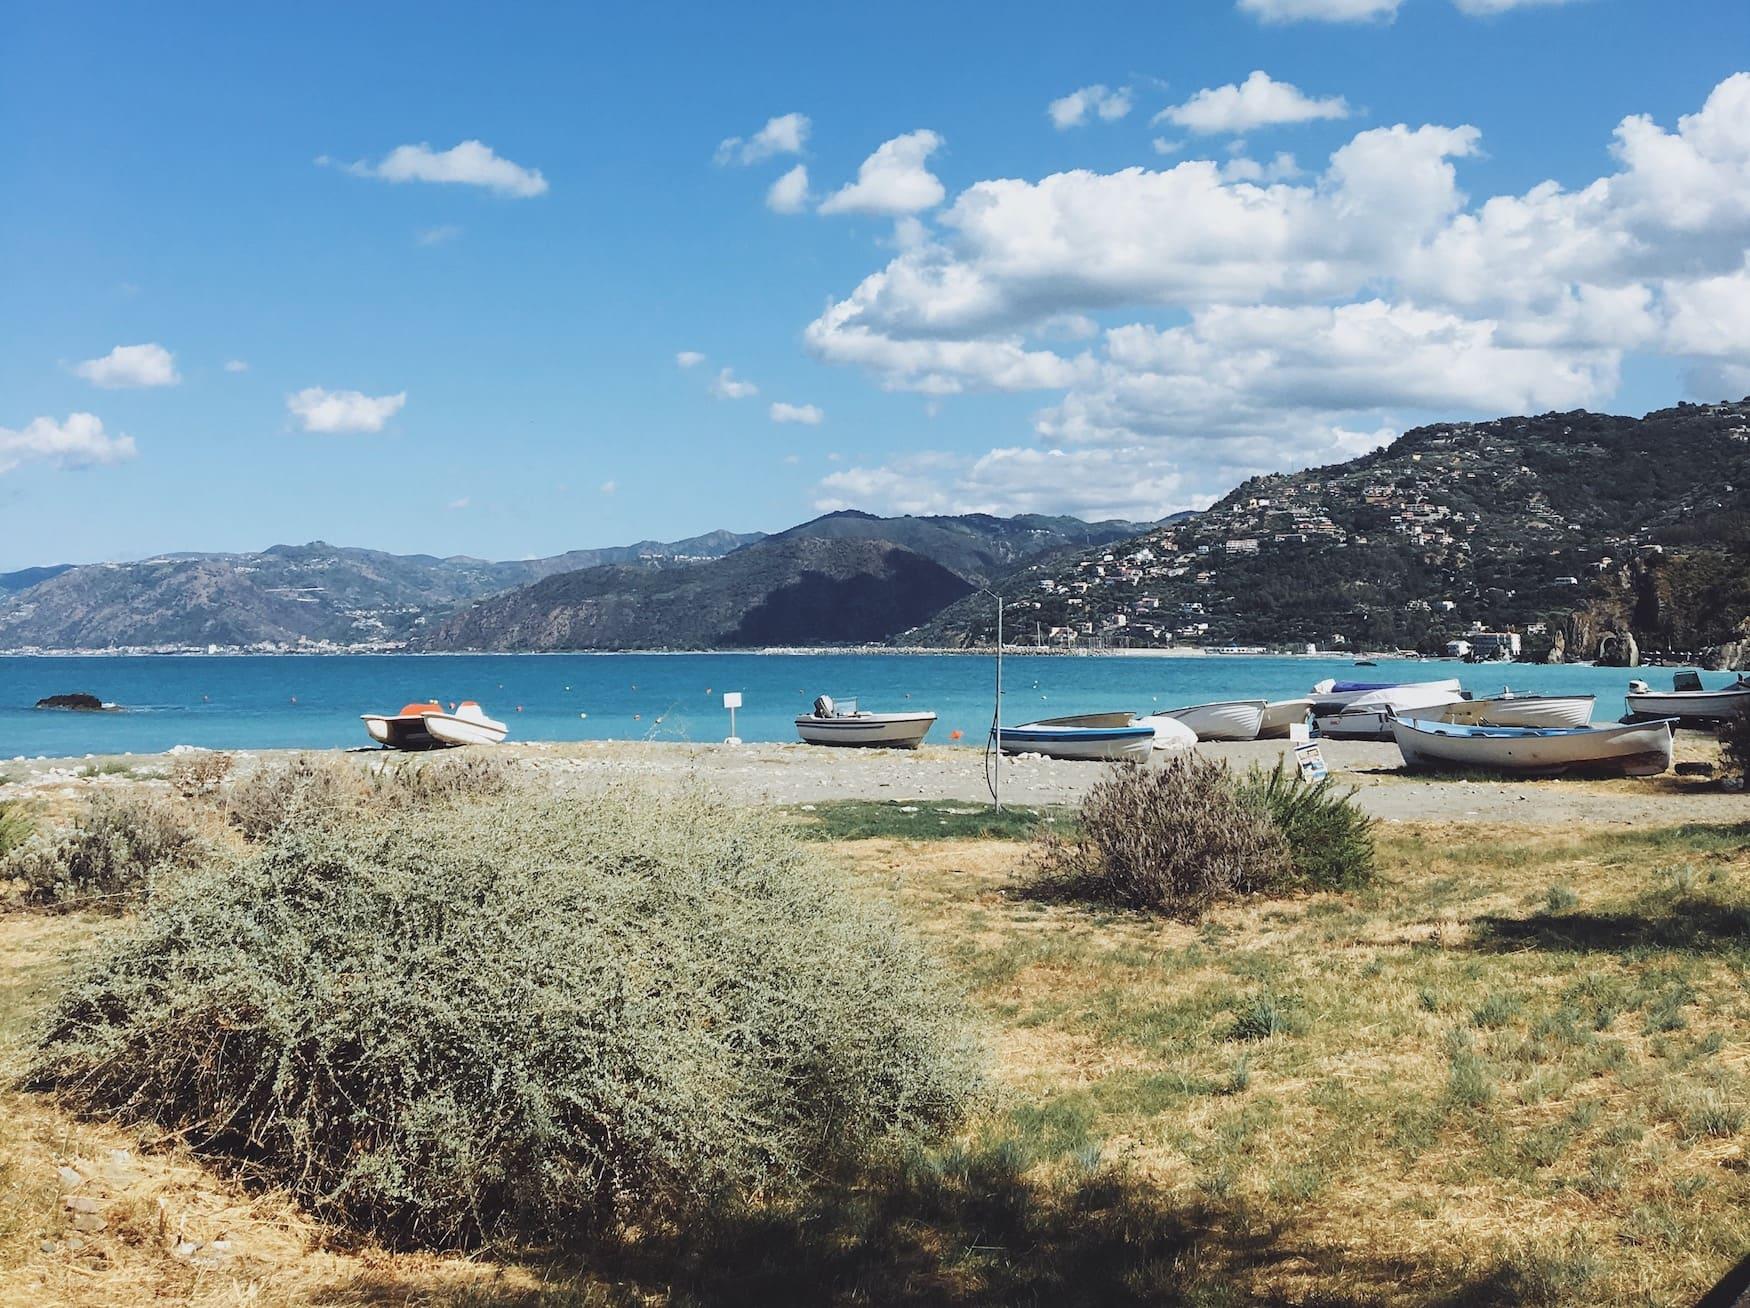 Strandabschnitt mit Booten auf Sizilien, in der Provinz von Messina